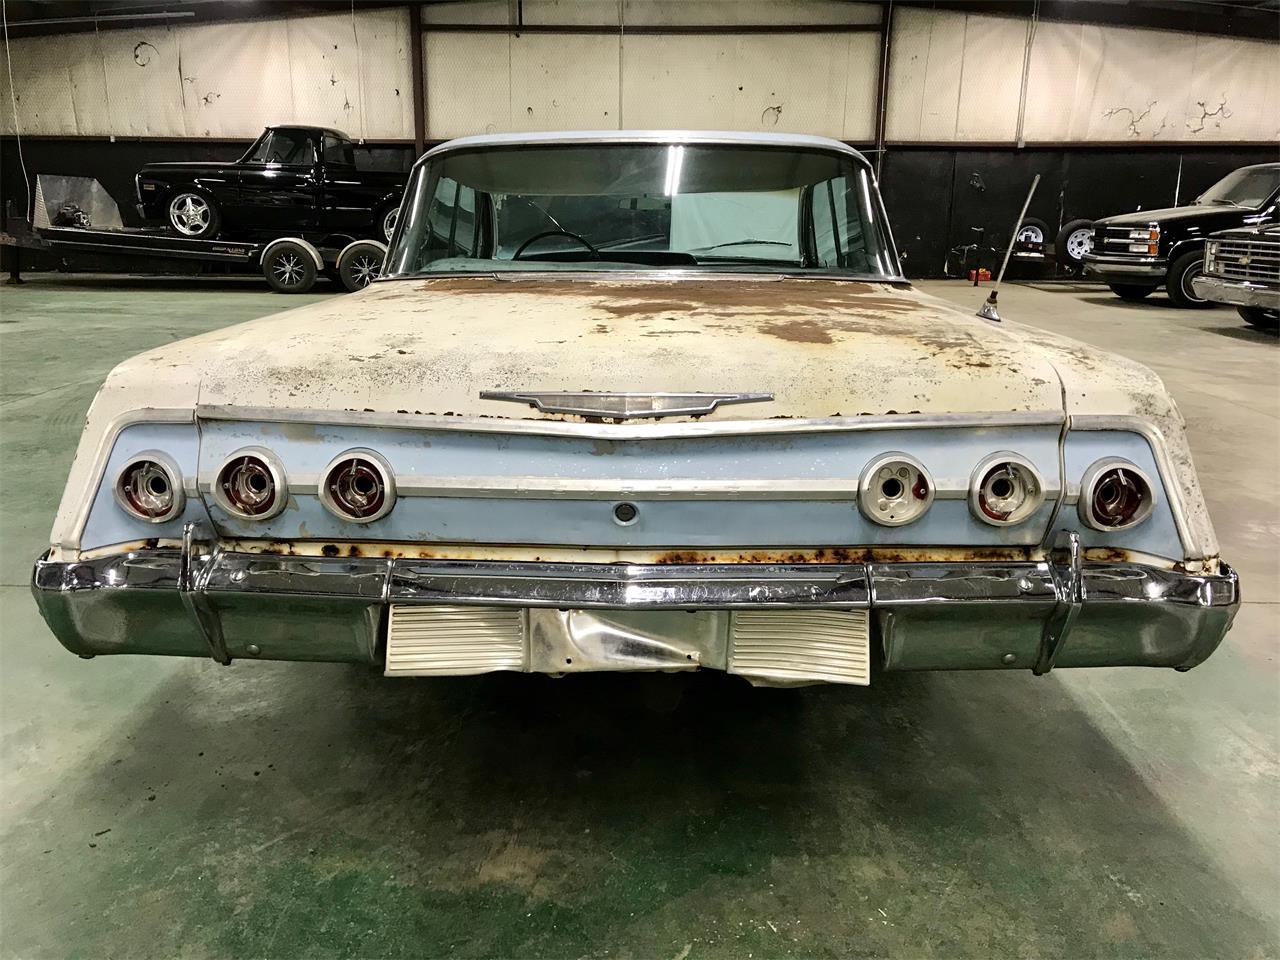 1962 Chevrolet Impala For Sale Classiccars Com Cc 1168178